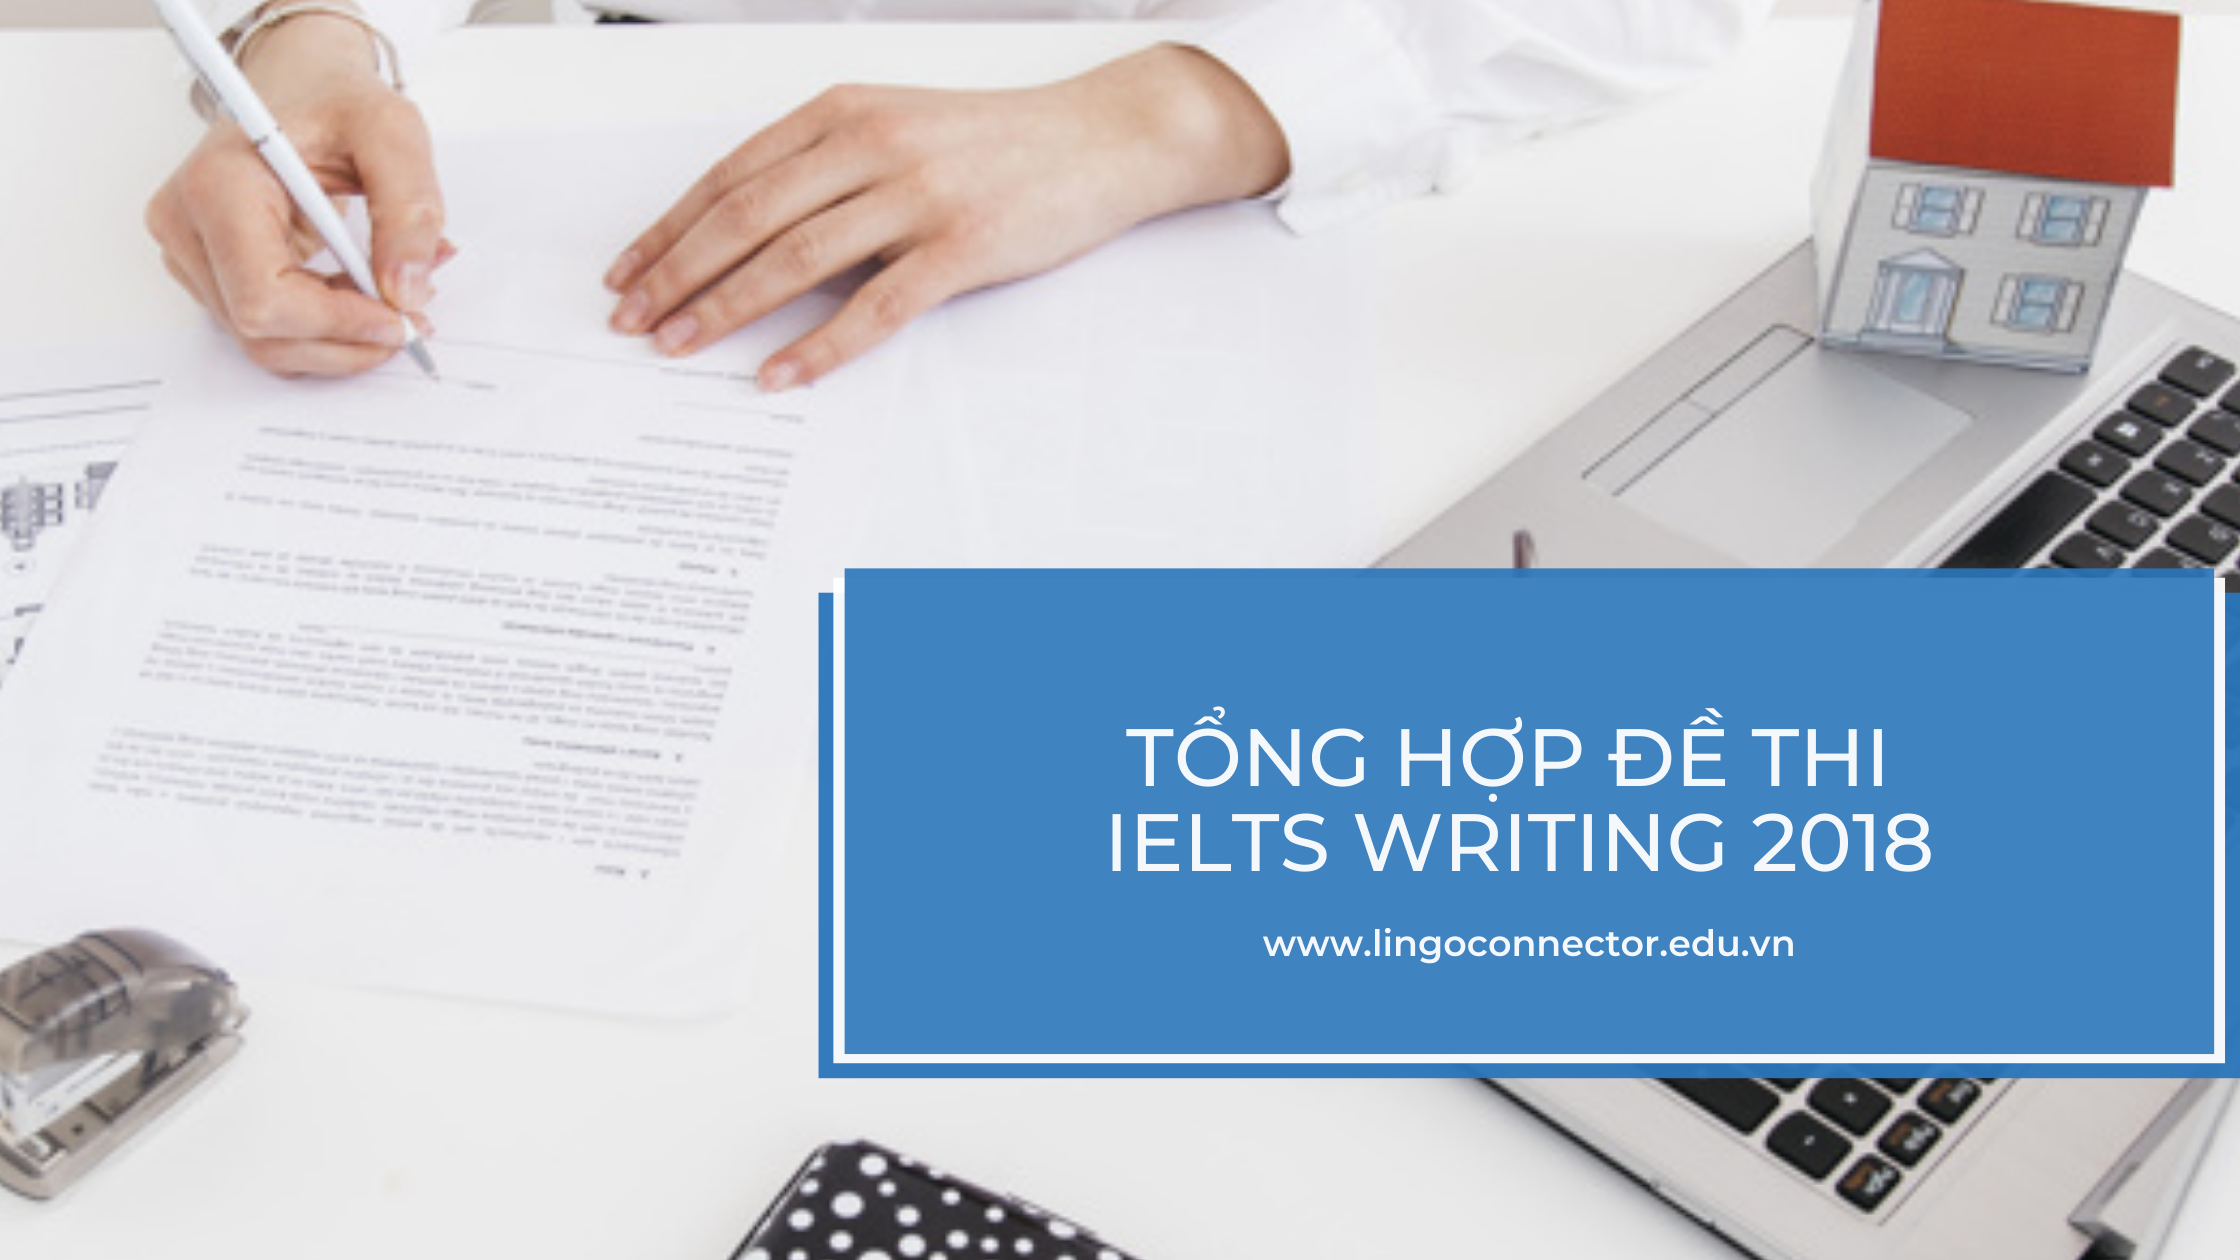 Tổng hợp đề thi IELTS Writing 2018